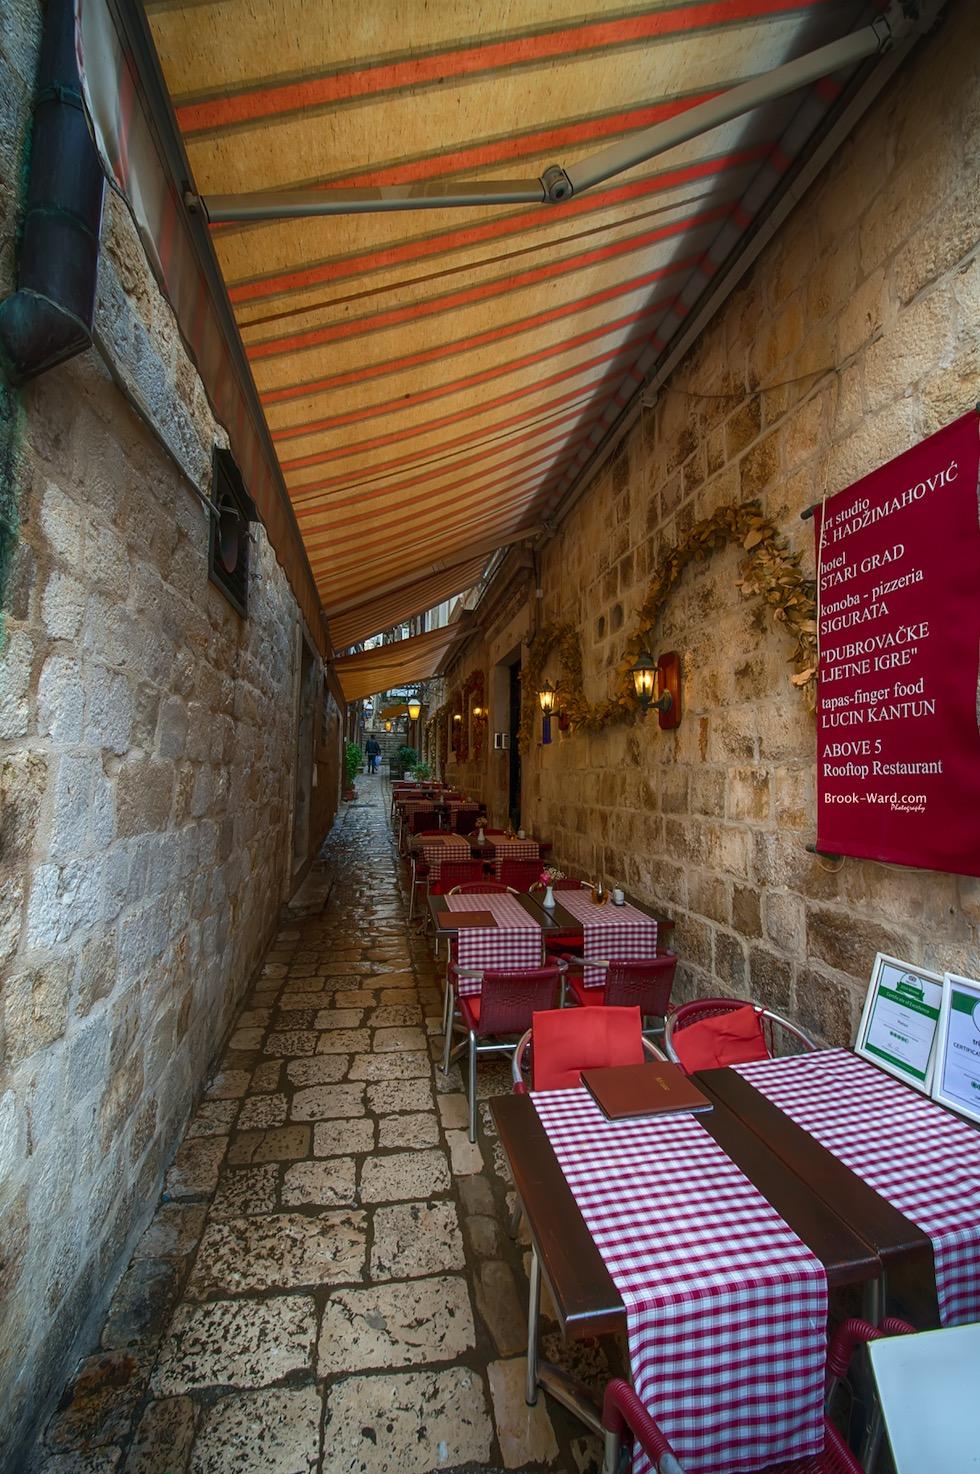 Dubrovnik Cafe